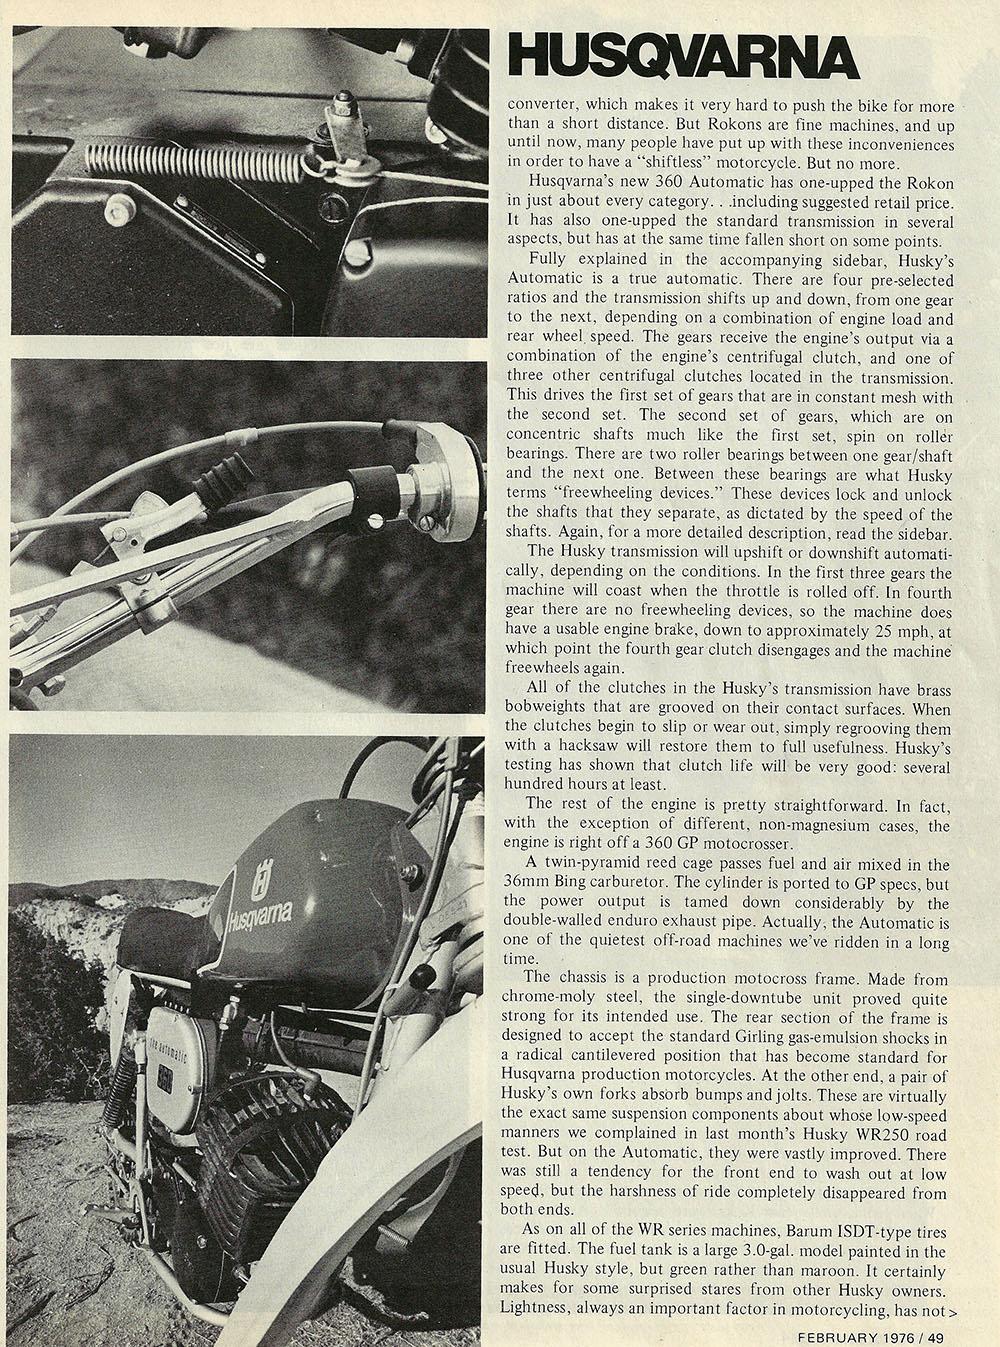 1976 Husqvarna 360 Auto road test 04.jpg